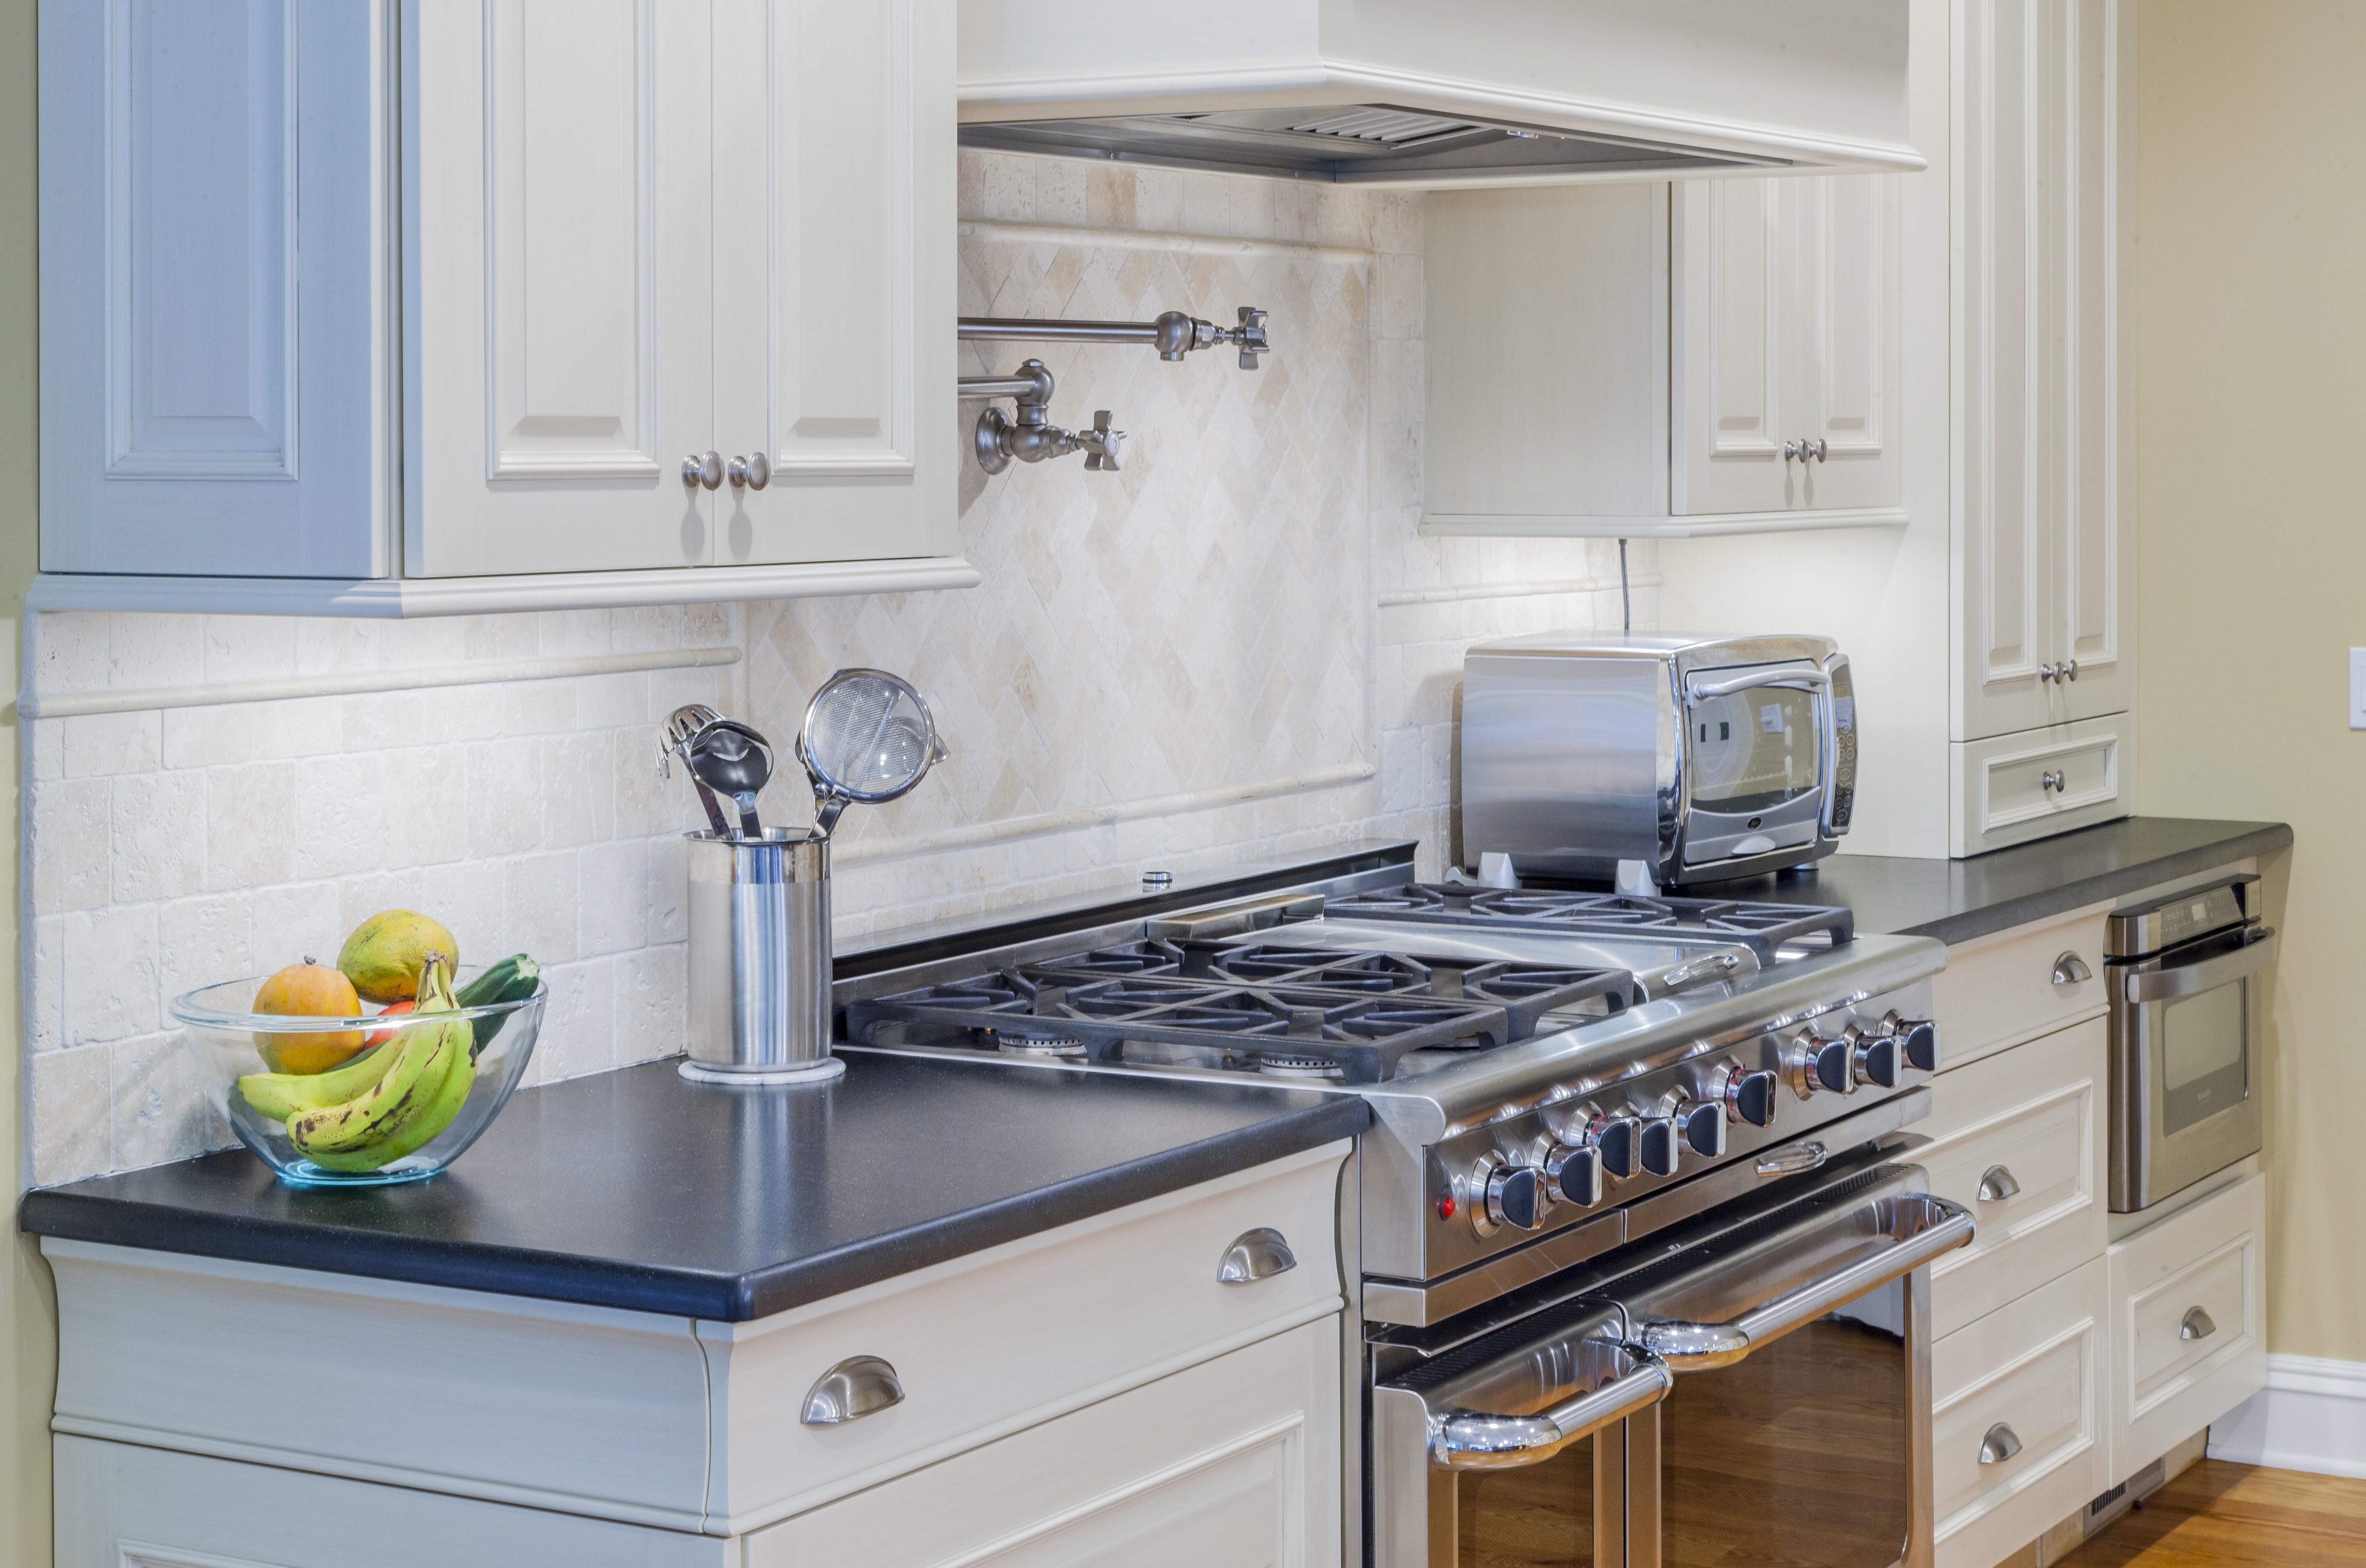 Retro Vs. Contemporary kitchen cabinets and design ideas